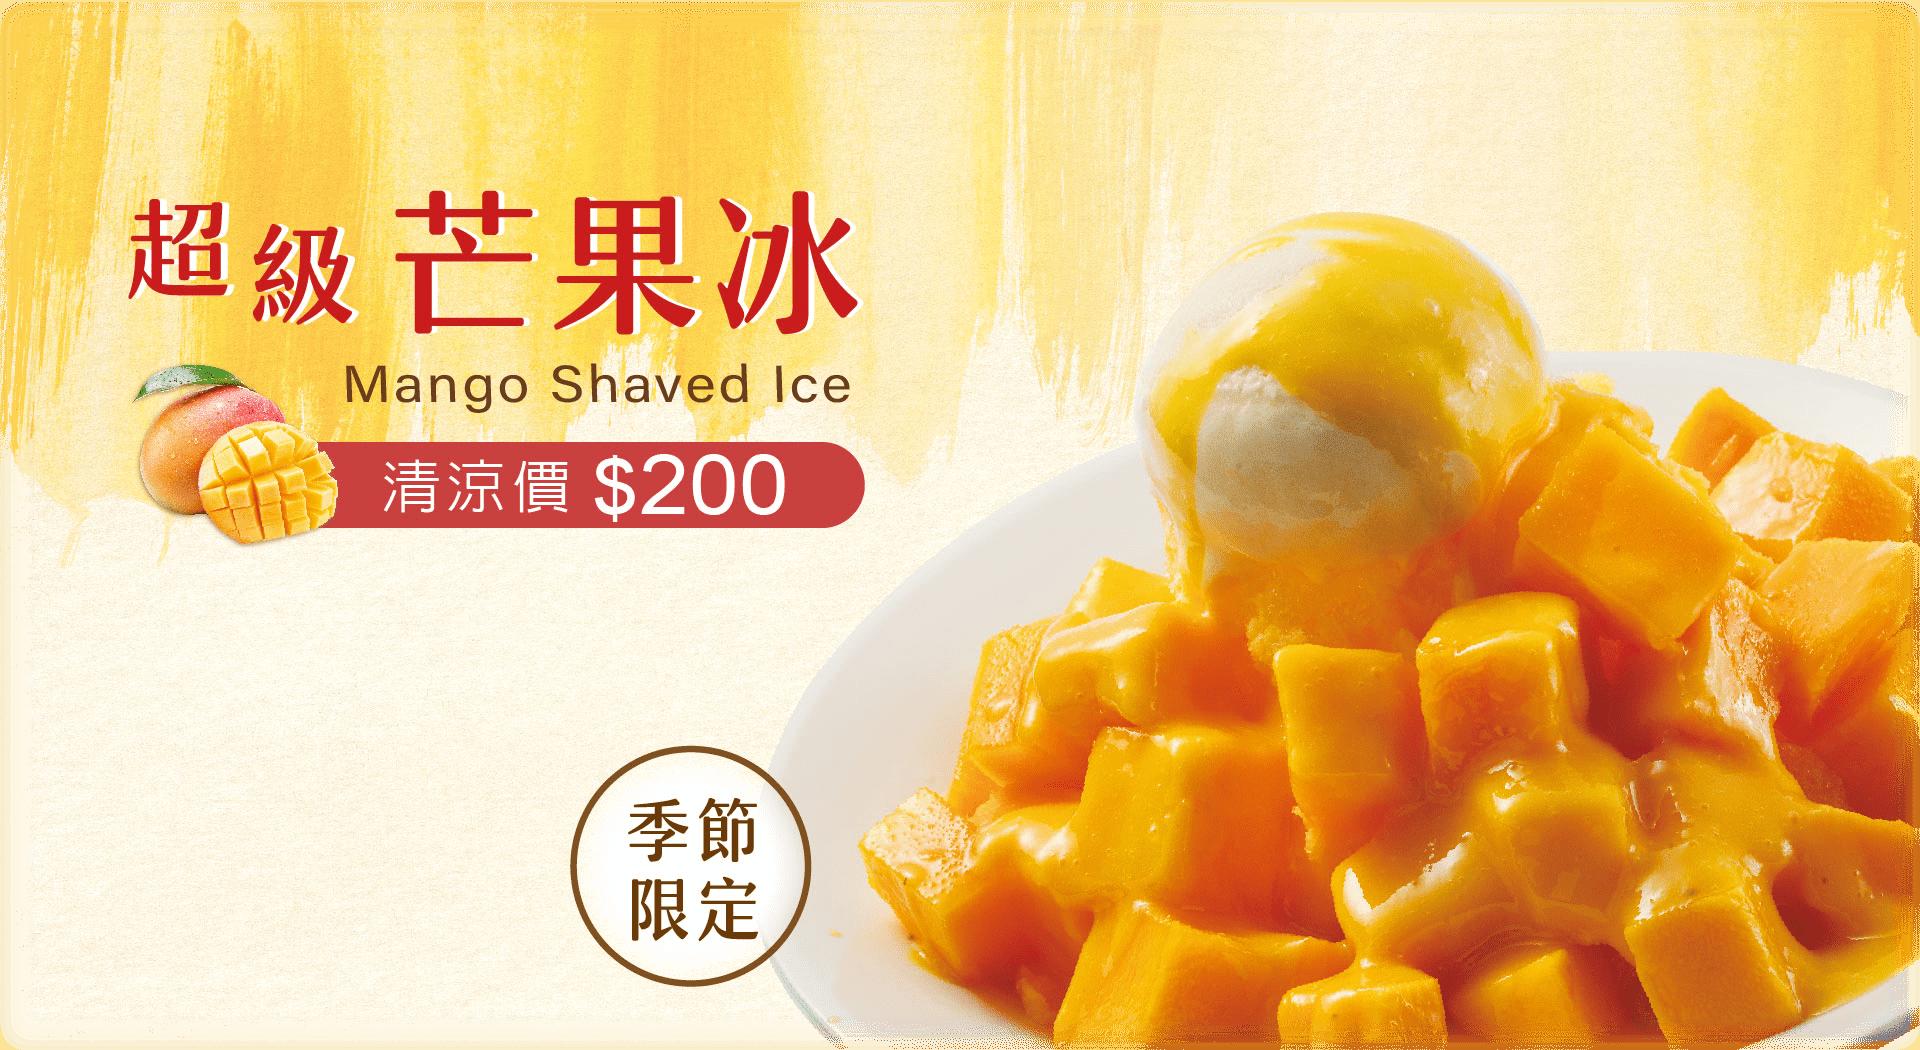 新品上市-超級芒果冰